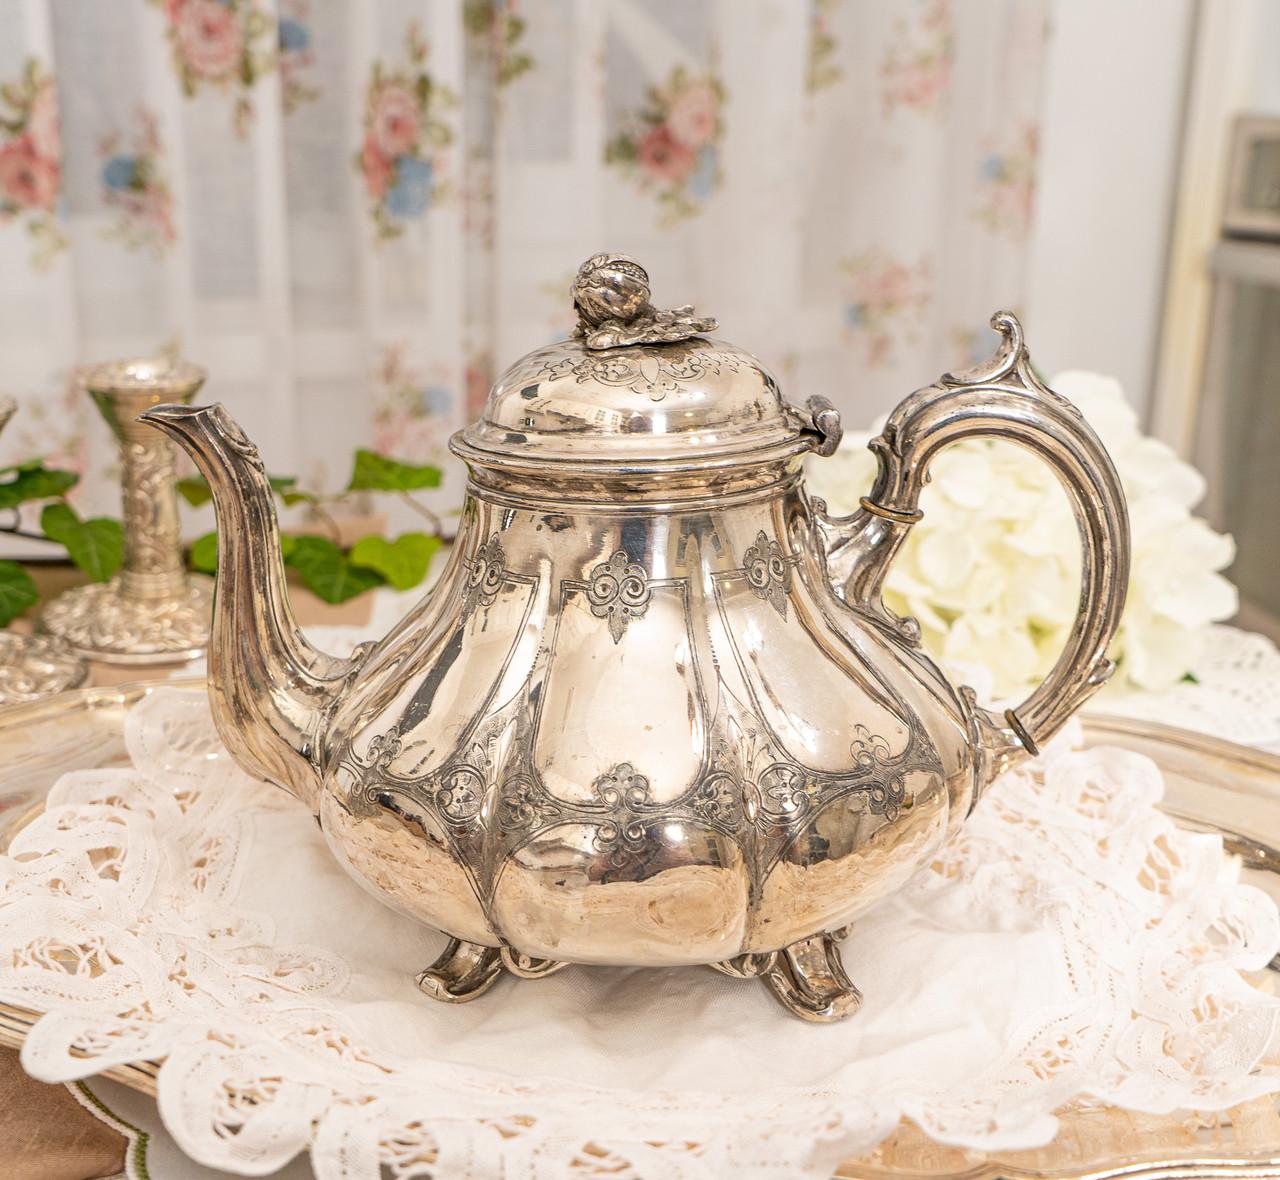 Посріблений англійська заварювальний чайник, сріблення, мельхіор, EPNS Англія